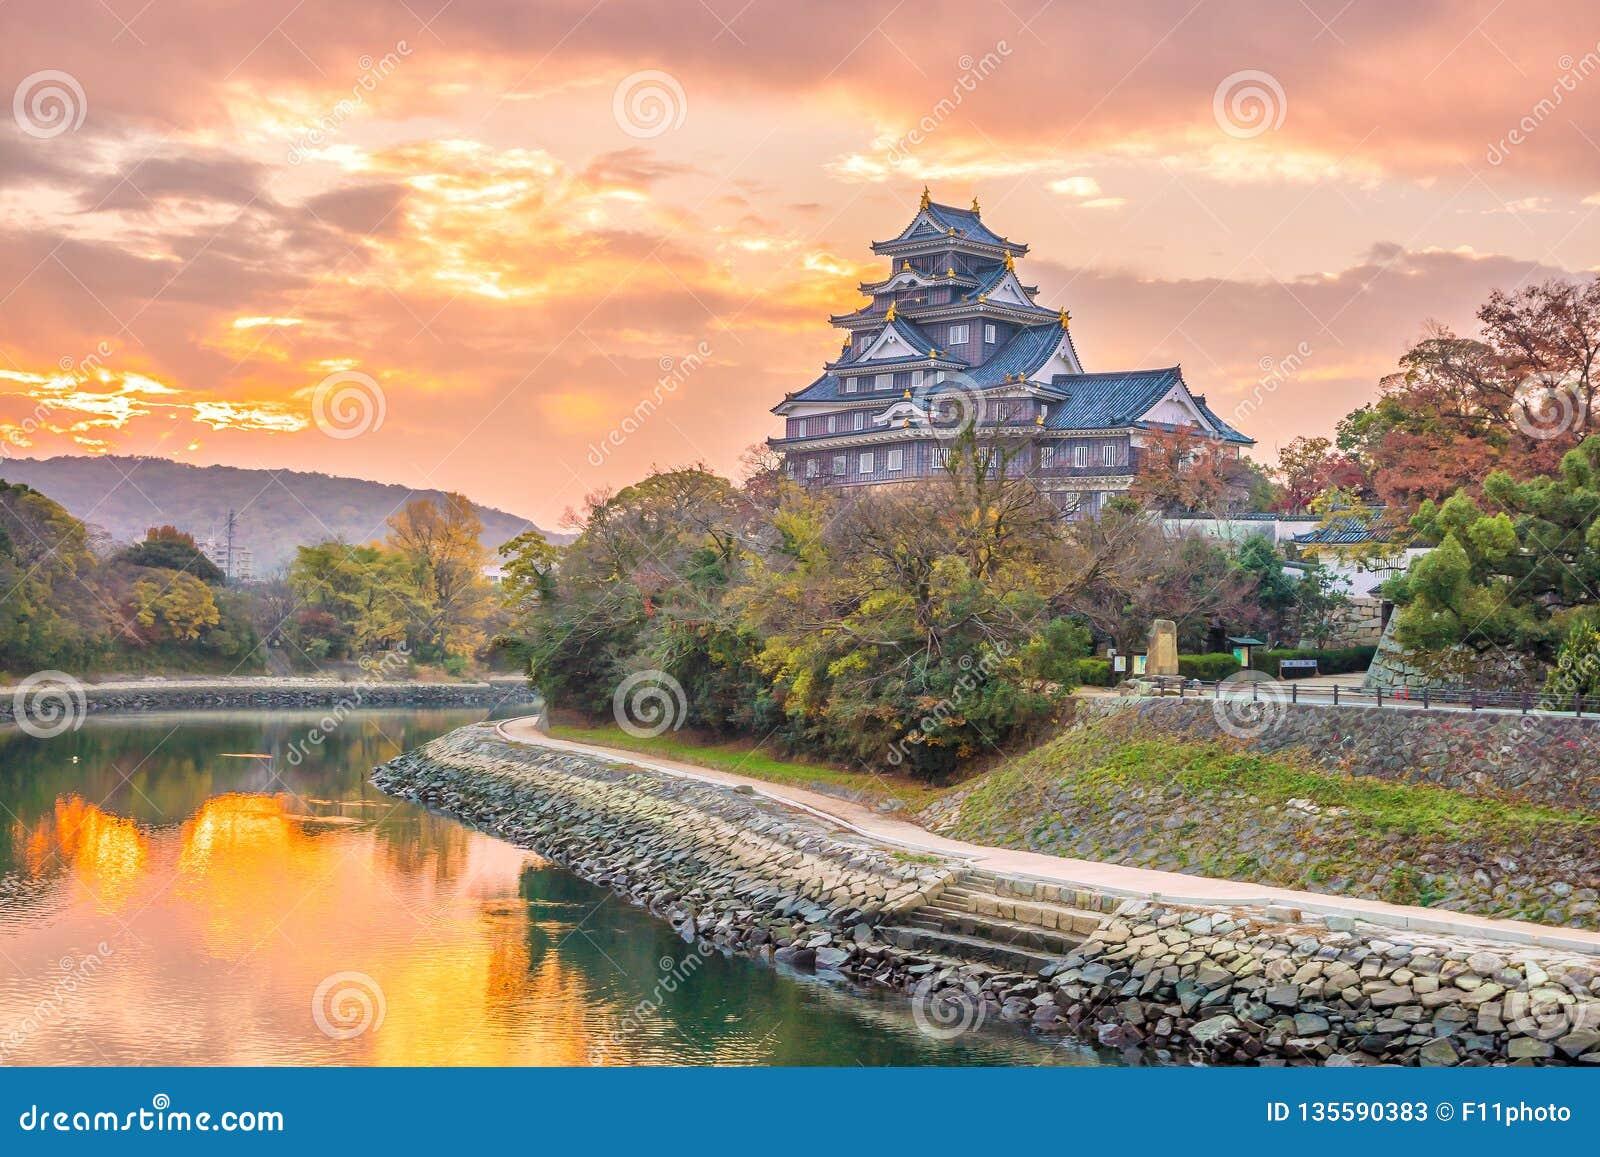 Κάστρο του Οκαγιάμα στην εποχή φθινοπώρου στην πόλη του Οκαγιάμα, Ιαπωνία